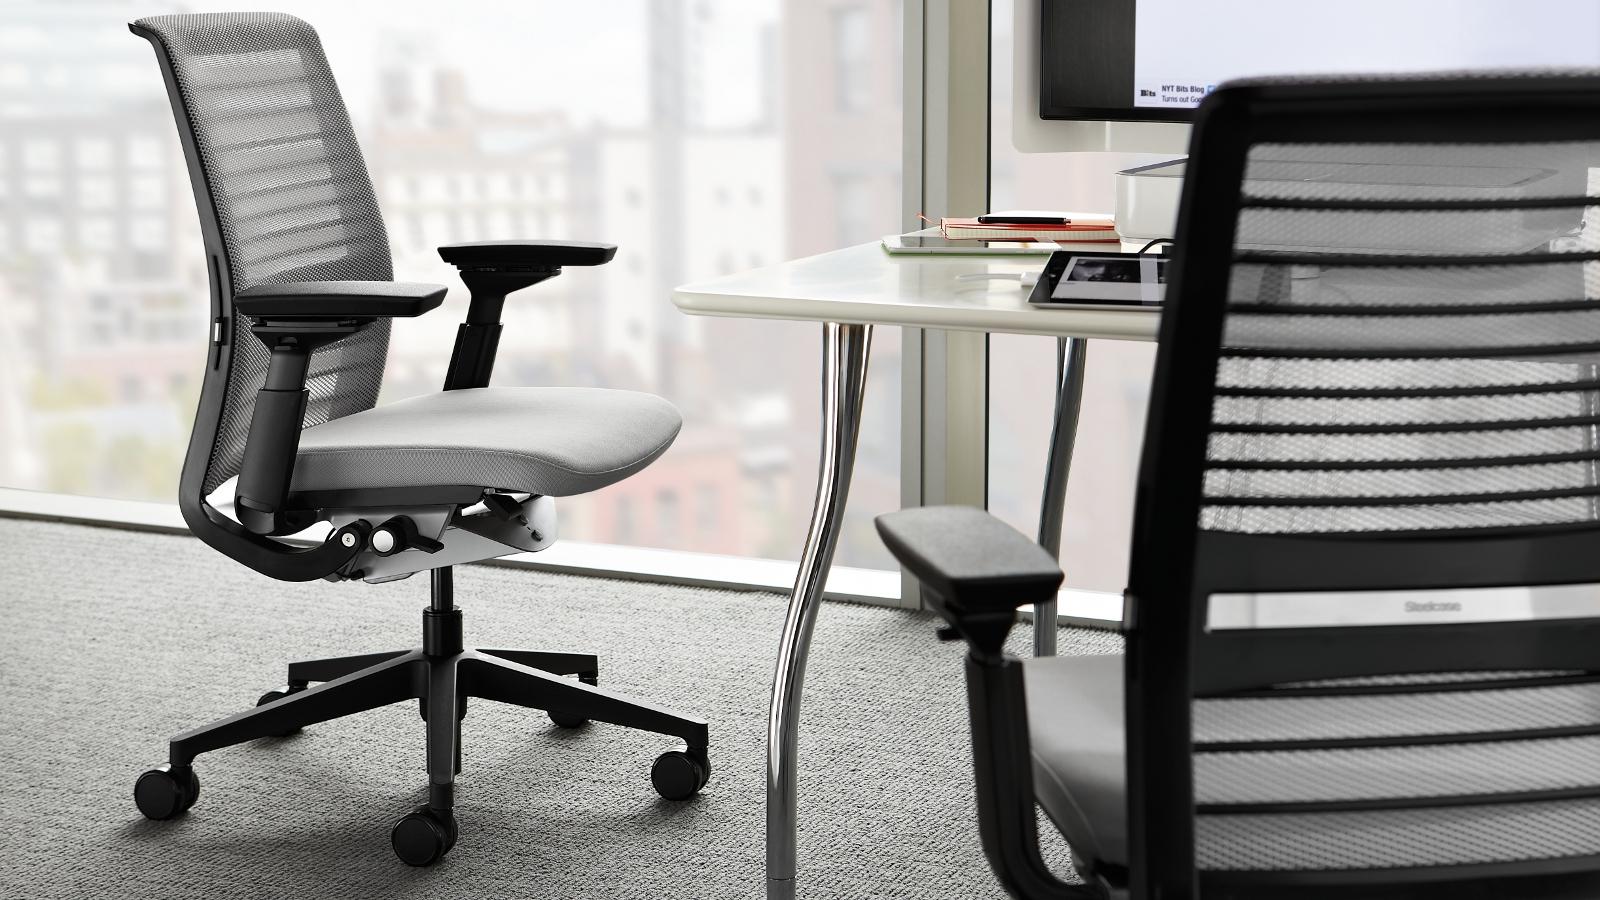 think drehstuhl ergonomischer b rostuhl von steelcase. Black Bedroom Furniture Sets. Home Design Ideas